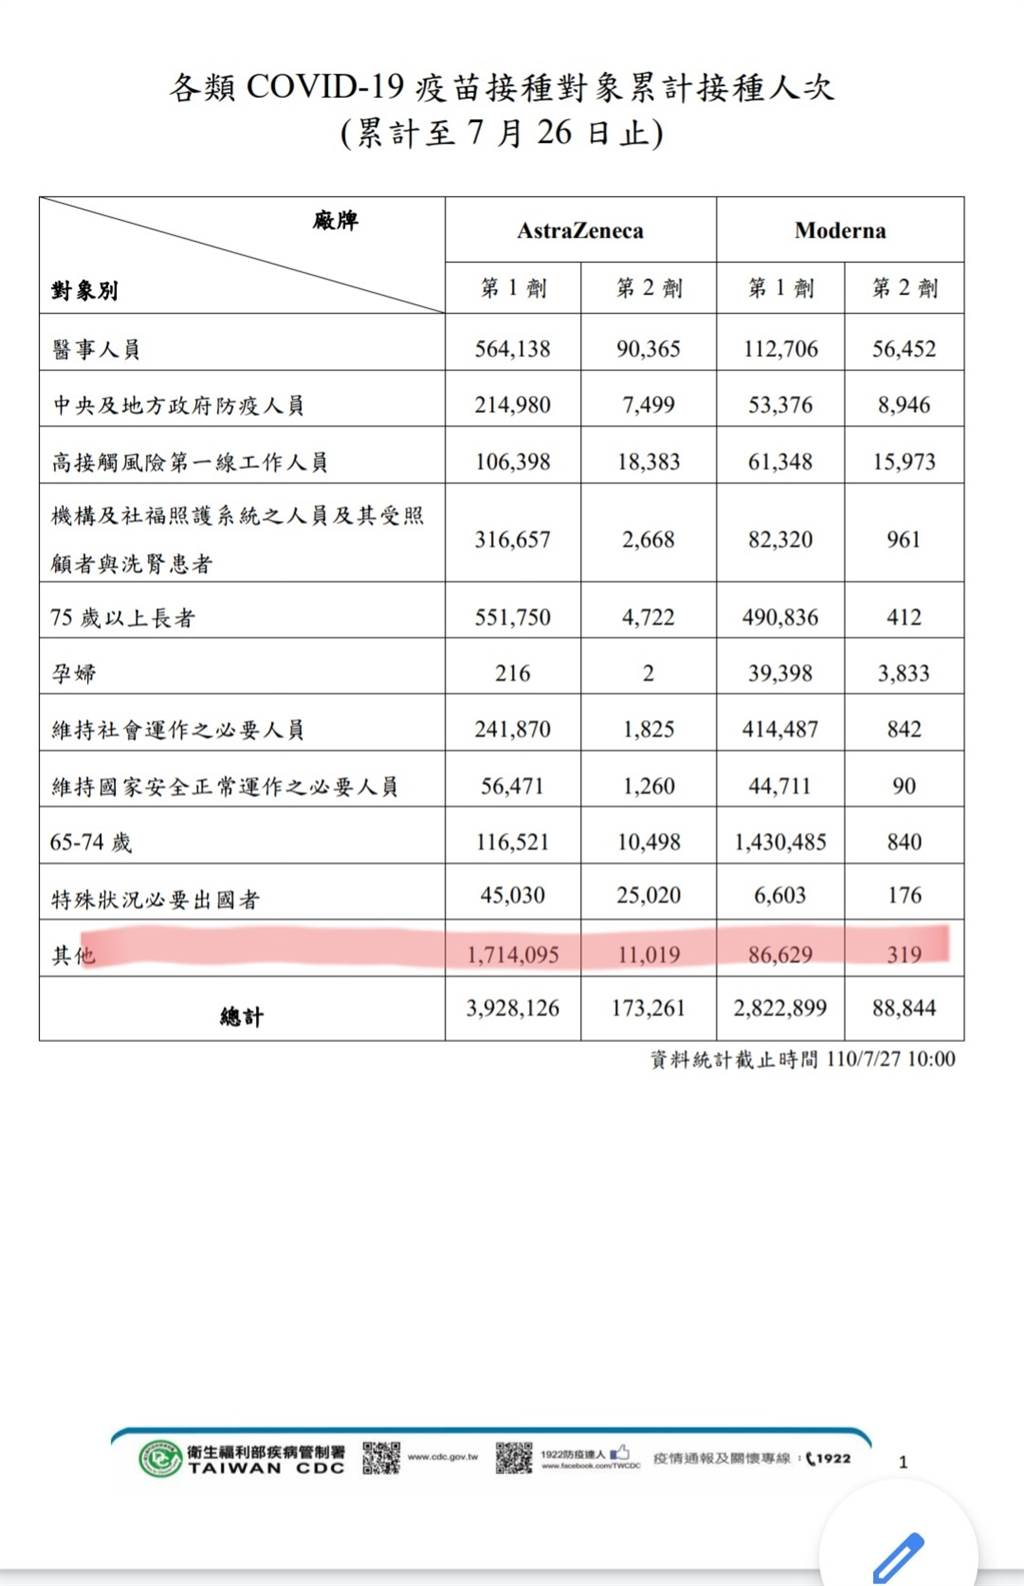 國民黨台北市議員游淑慧臉書發文附圖。(圖/取自游淑慧臉書)